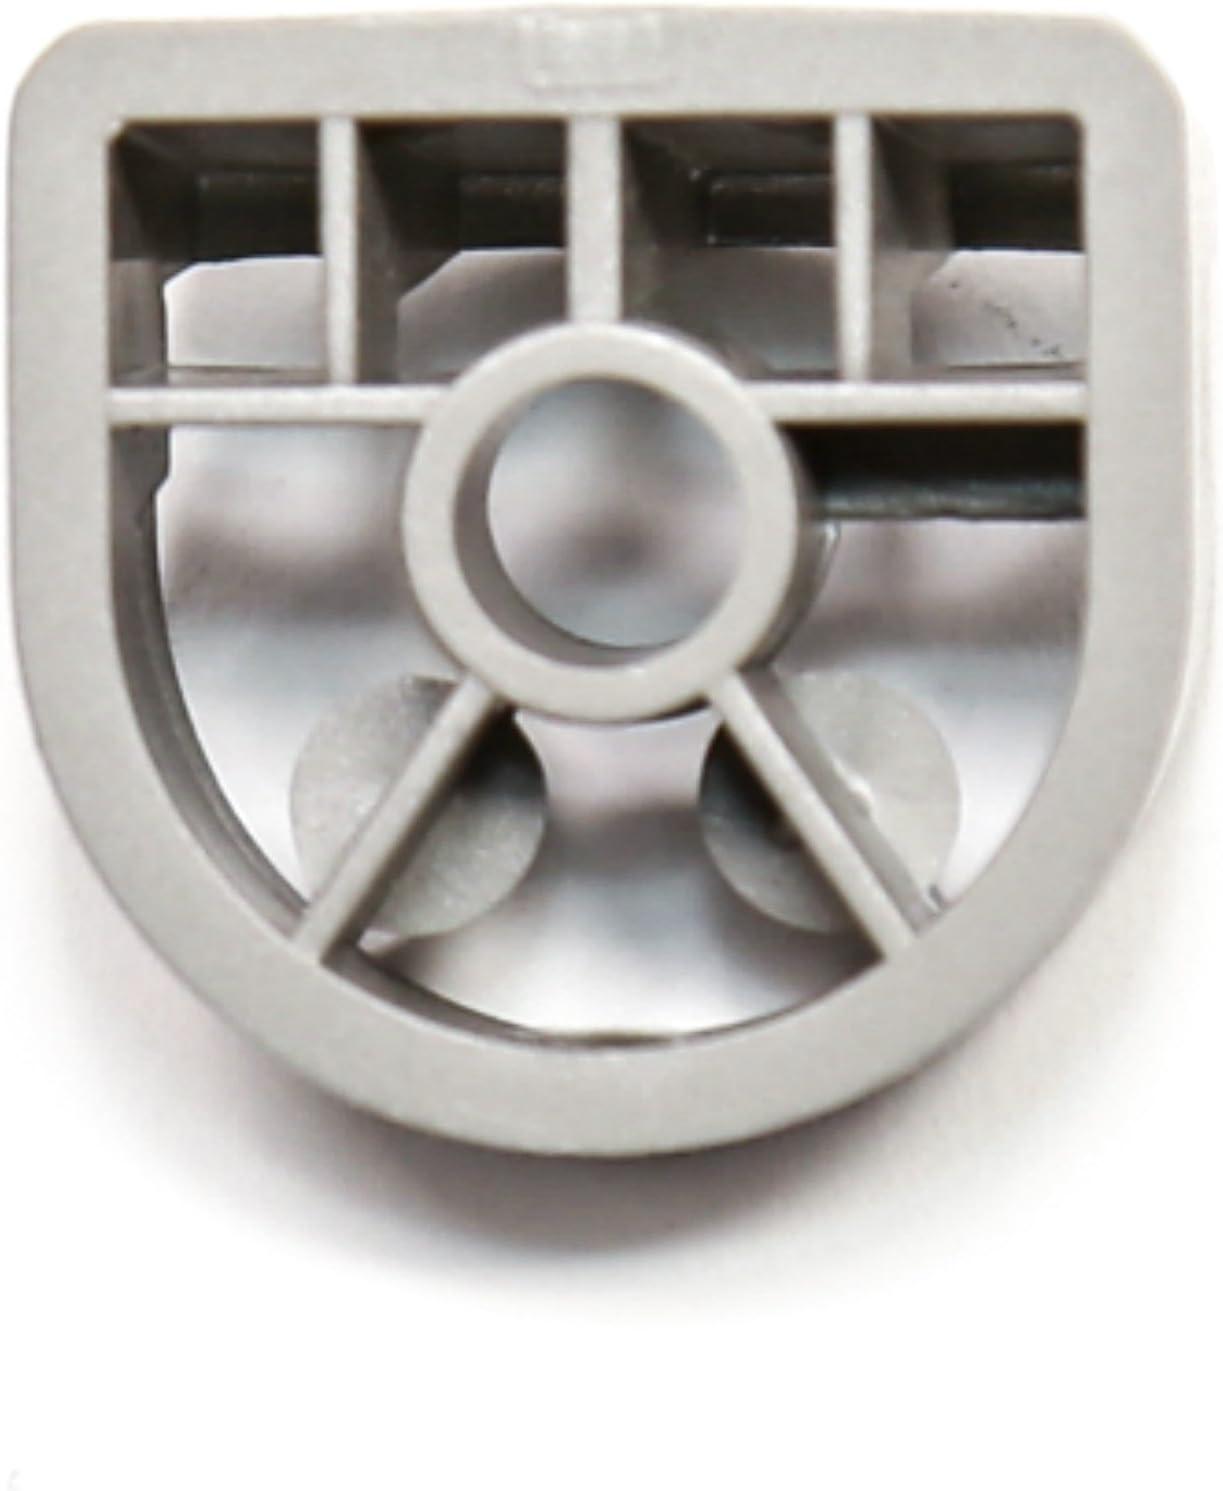 Bosch BOSCH 615352 Cap Shaped Handle